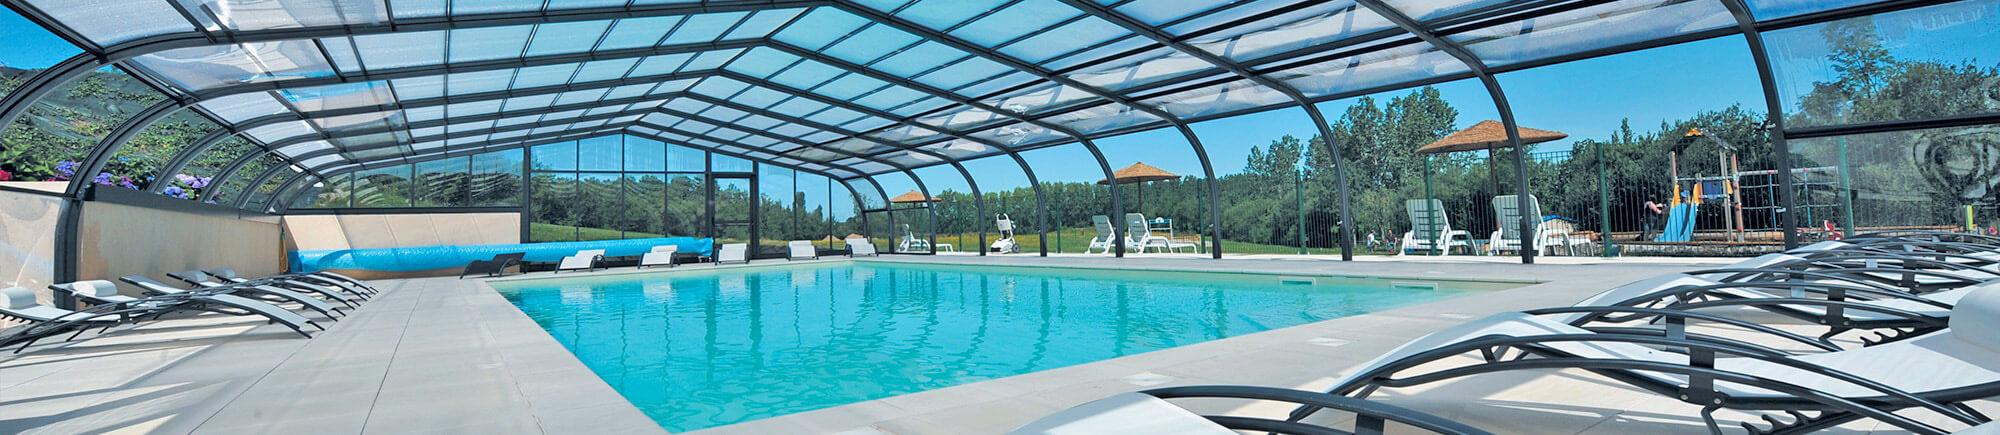 7 bonnes raisons de choisir un abri de piscine. Black Bedroom Furniture Sets. Home Design Ideas